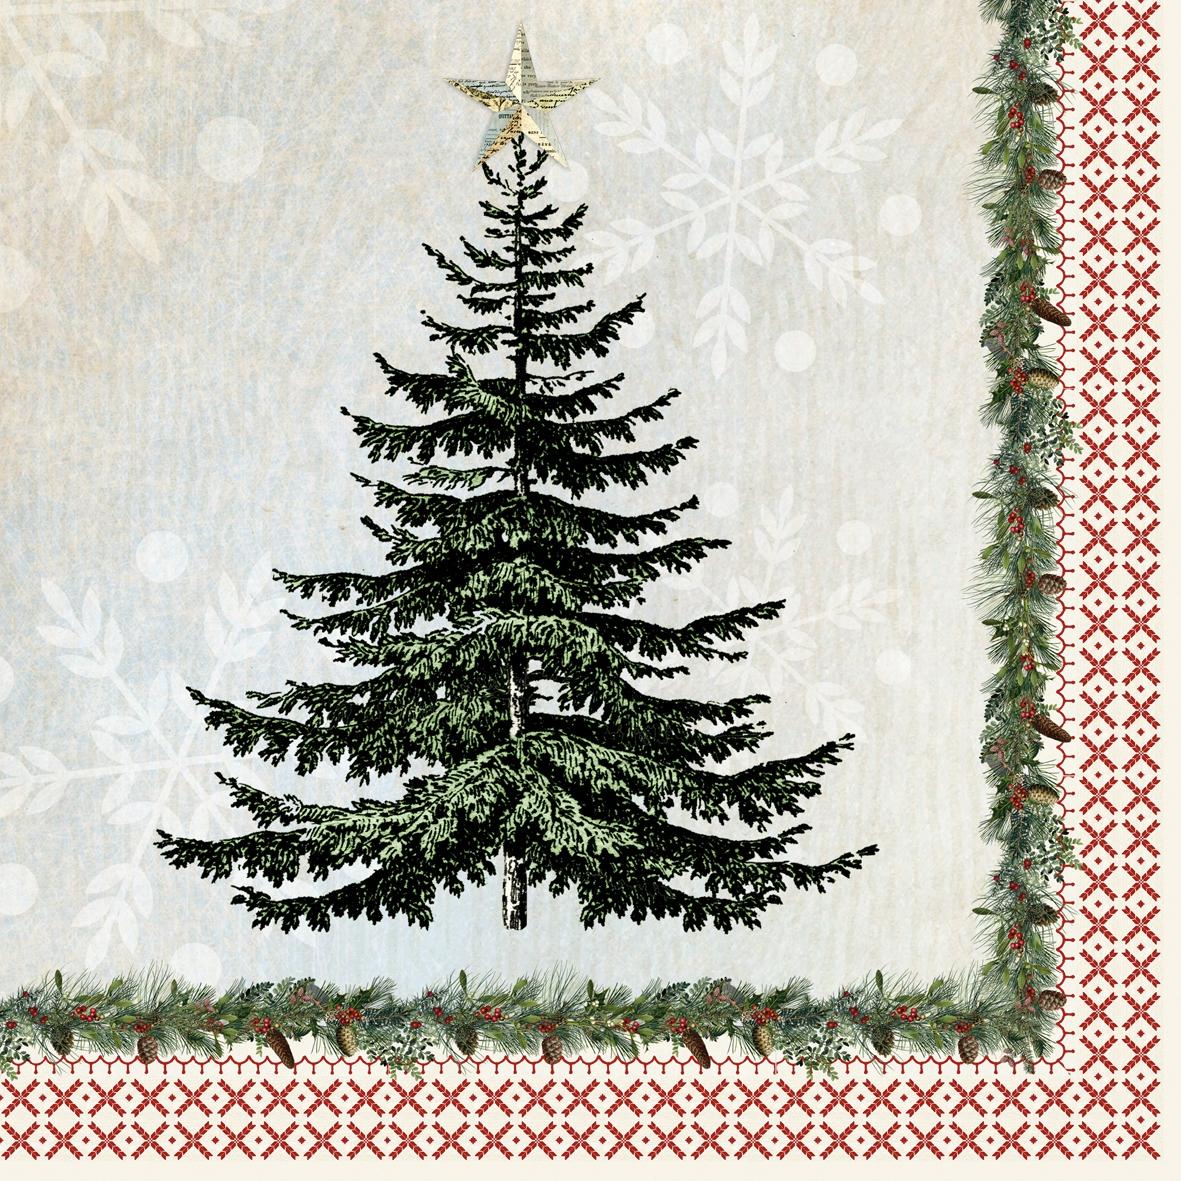 Paperproducts Design,  Weihnachten - Weihnachtsbaum,  Weihnachten,  cocktail servietten,  Weihnachtsbaum,  Tannenbaum